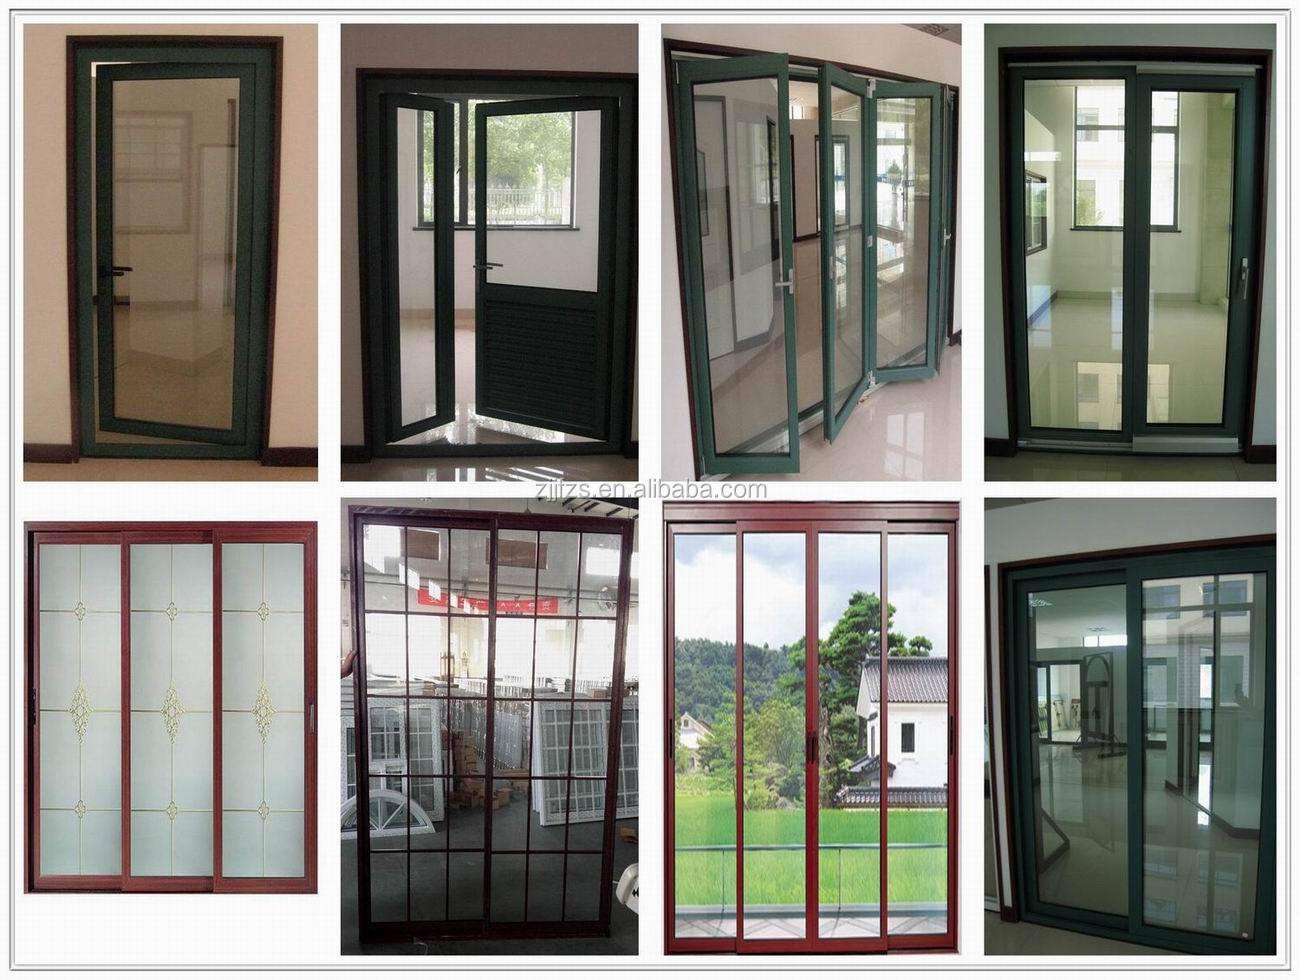 Puertas Para Jardin De Aluminio Aluminio Blanco Puertas Puertas  ~ Puertas Jardin Aluminio Precios